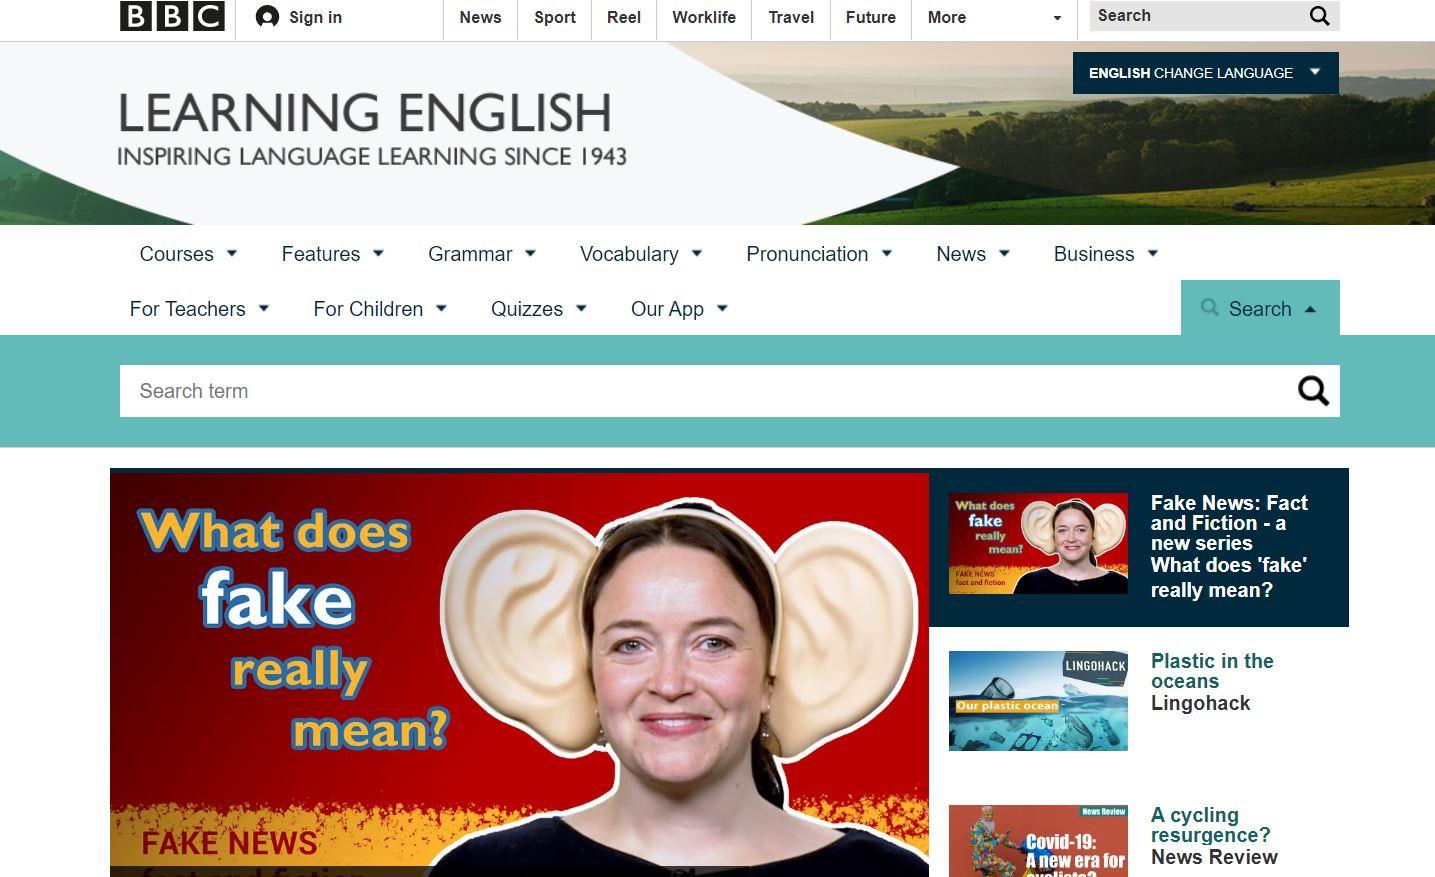 học tiếng anh bbc